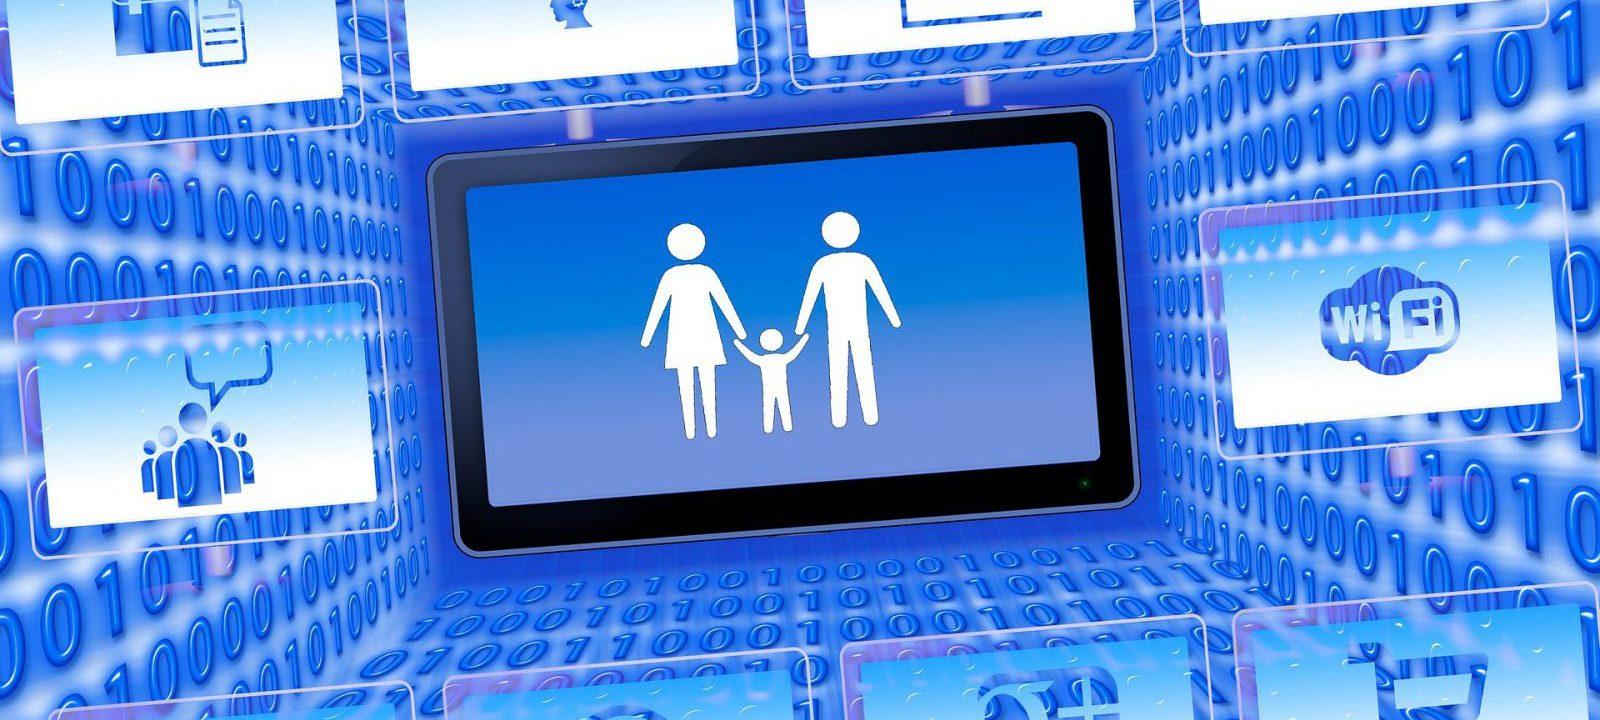 Internet: Ontdek een brede waaier aan e-services (google apps, cloud,…)